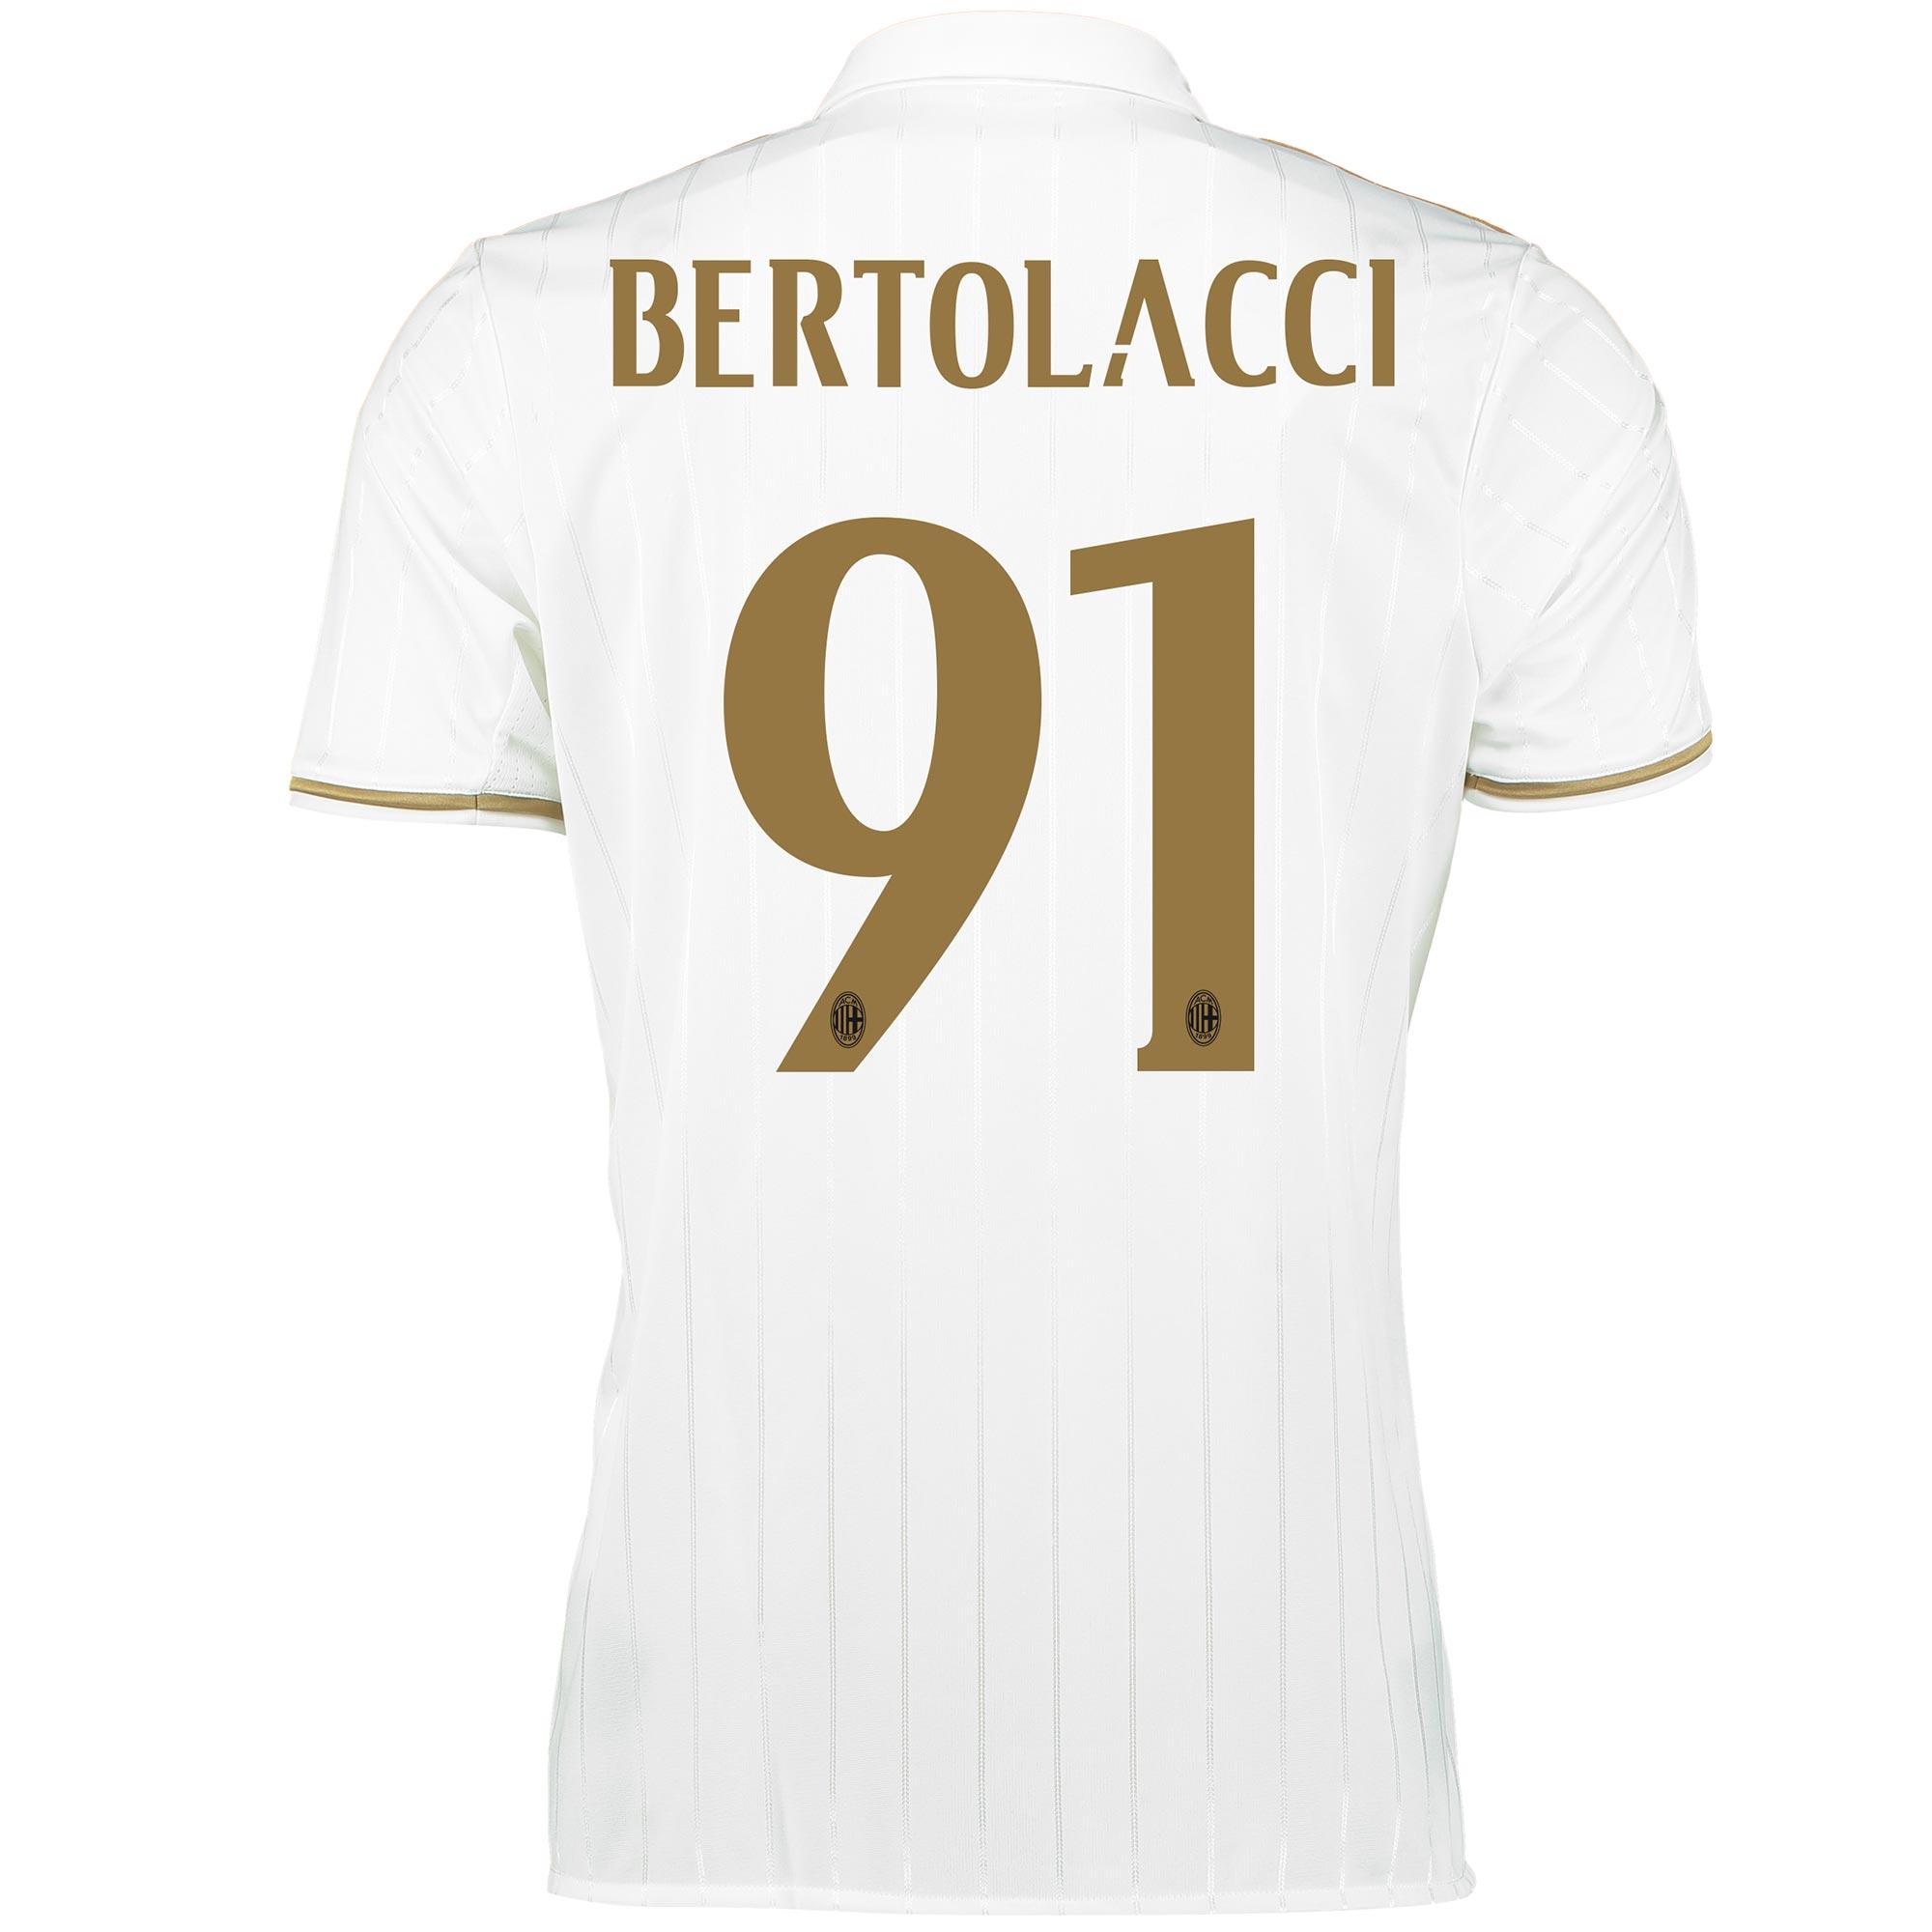 Image of AC Milan Away Shirt 2016-17 with Bertolacci 91 printing, White